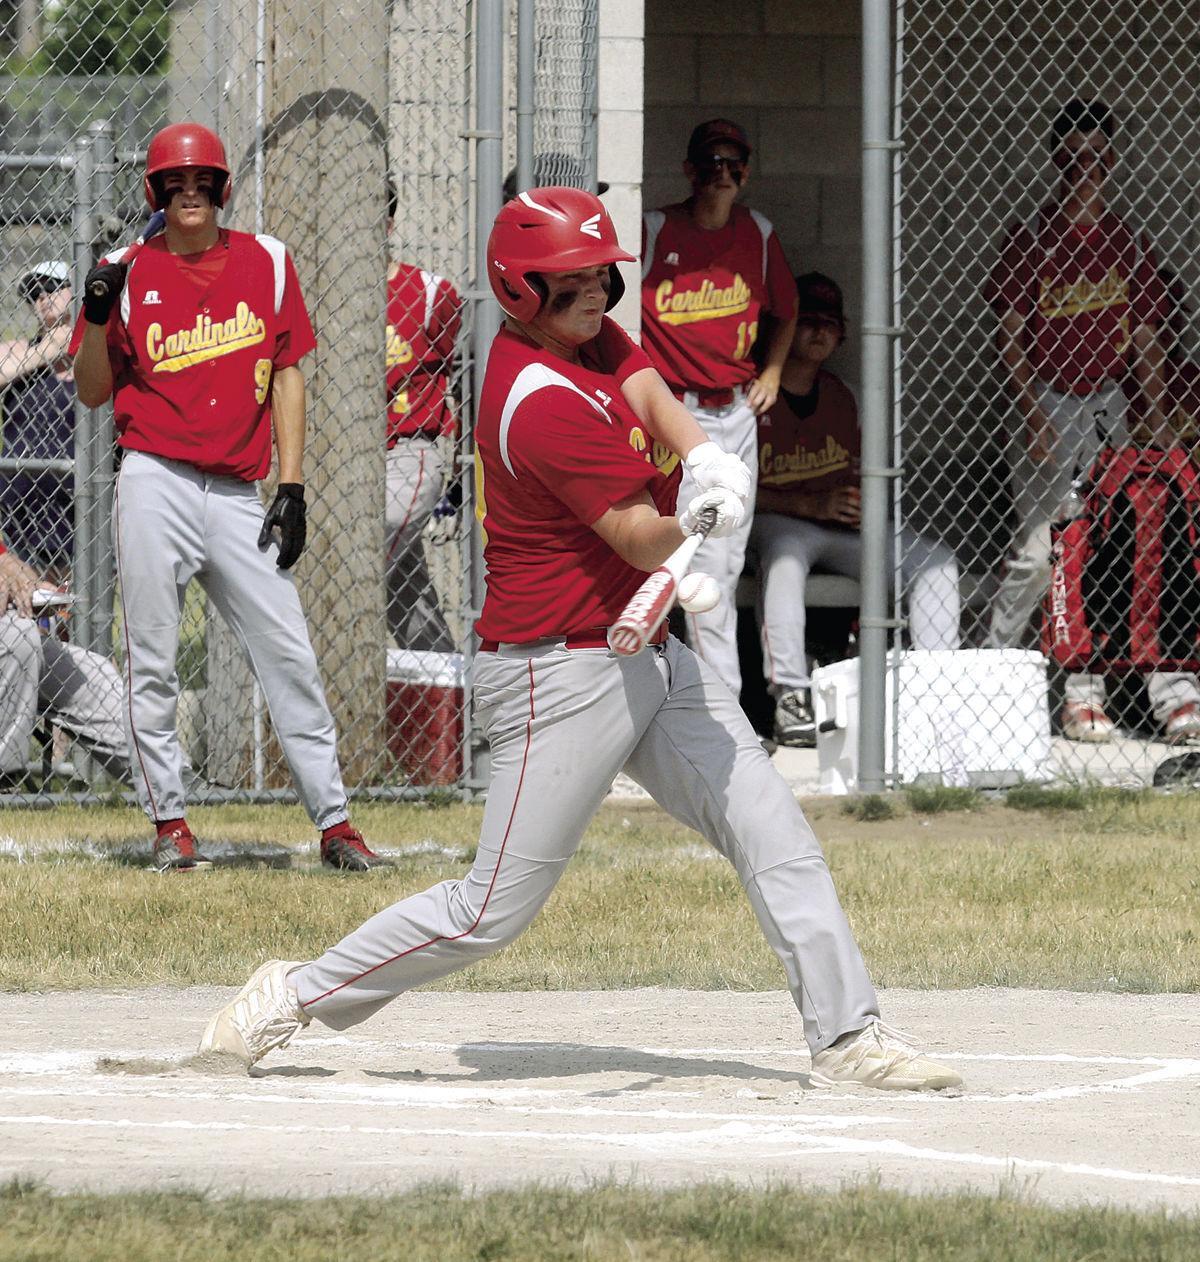 061021-ldn-baseball-mce2.jpg